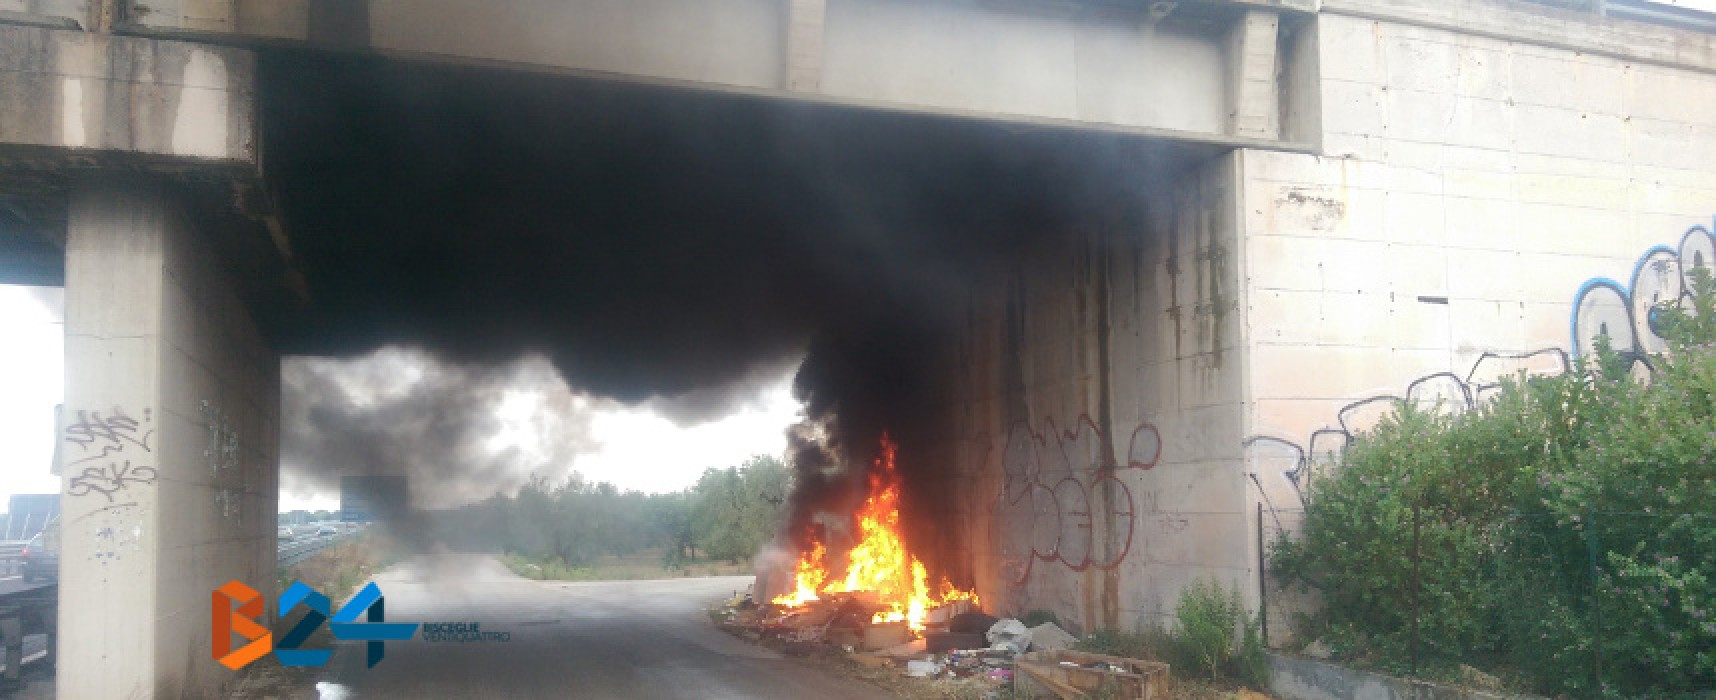 In fiamme discarica abusiva sotto il ponte di via Traversa Terlizzi, pronto intervento dell'O.E.R.